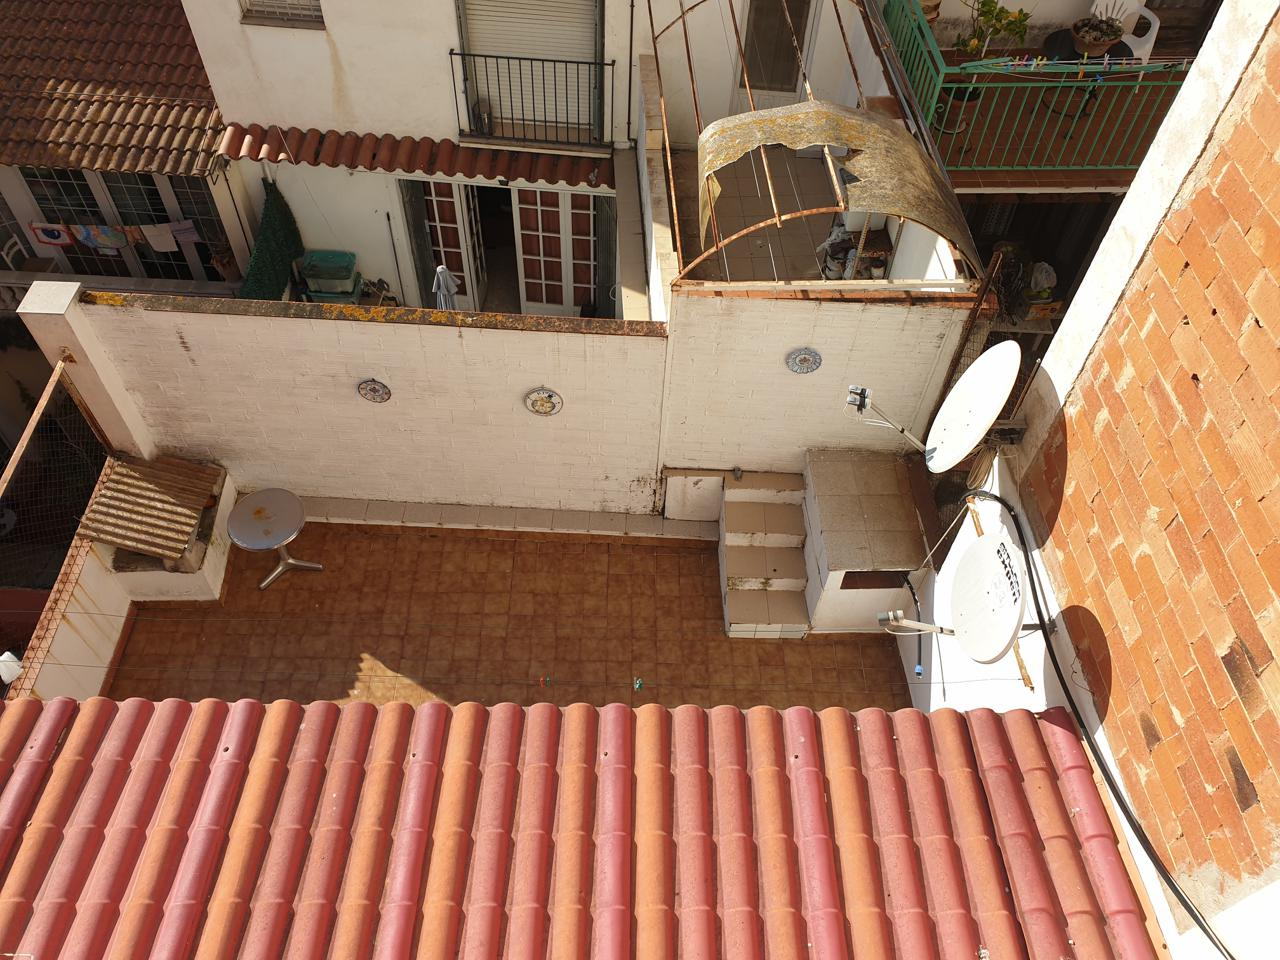 Edificio  Calle carrer sant lluis. Se vende casa de 3 plantas al lado de la playa que consta de 6 v